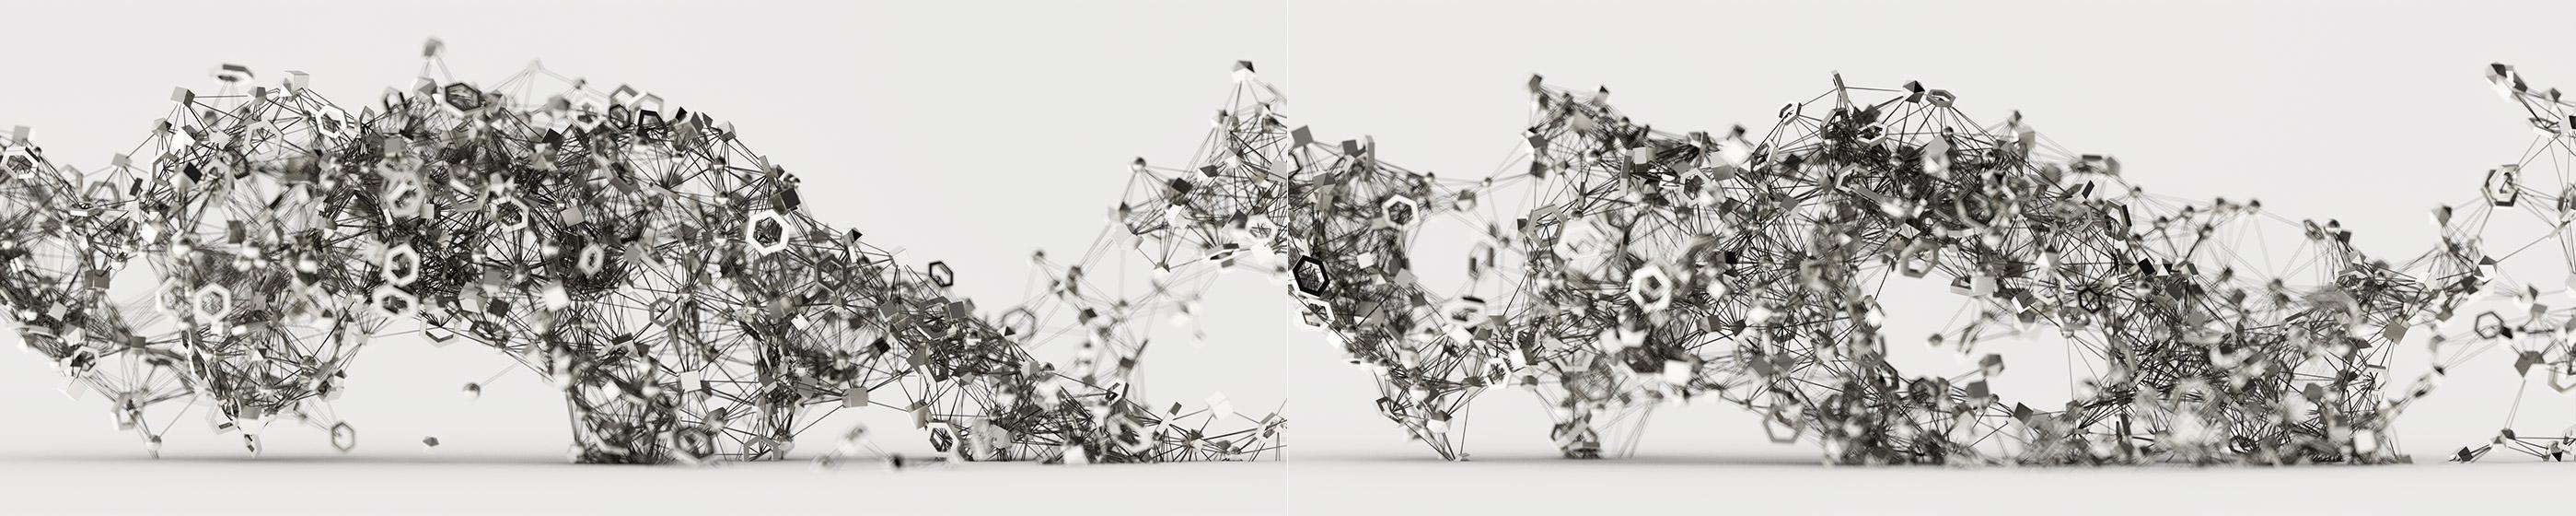 vortex-render-002.jpg